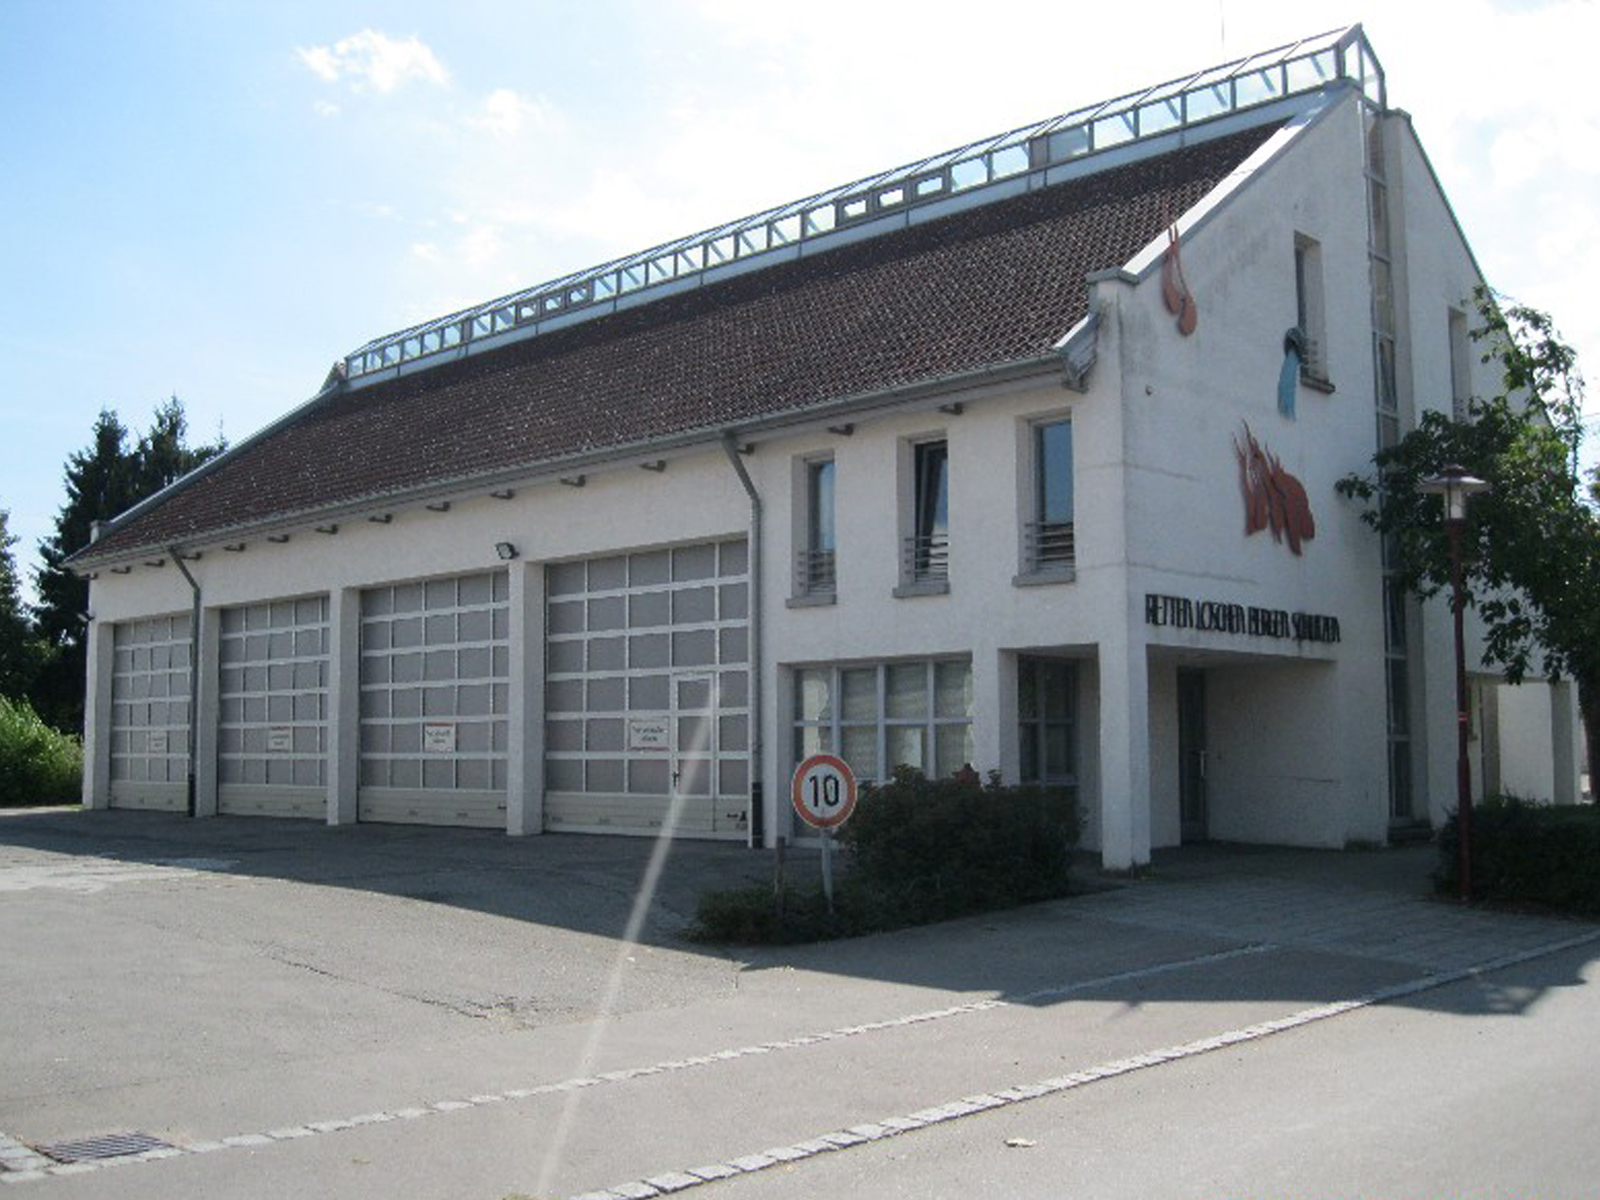 Abbildung des Feuerwehrhaus Herbertingen